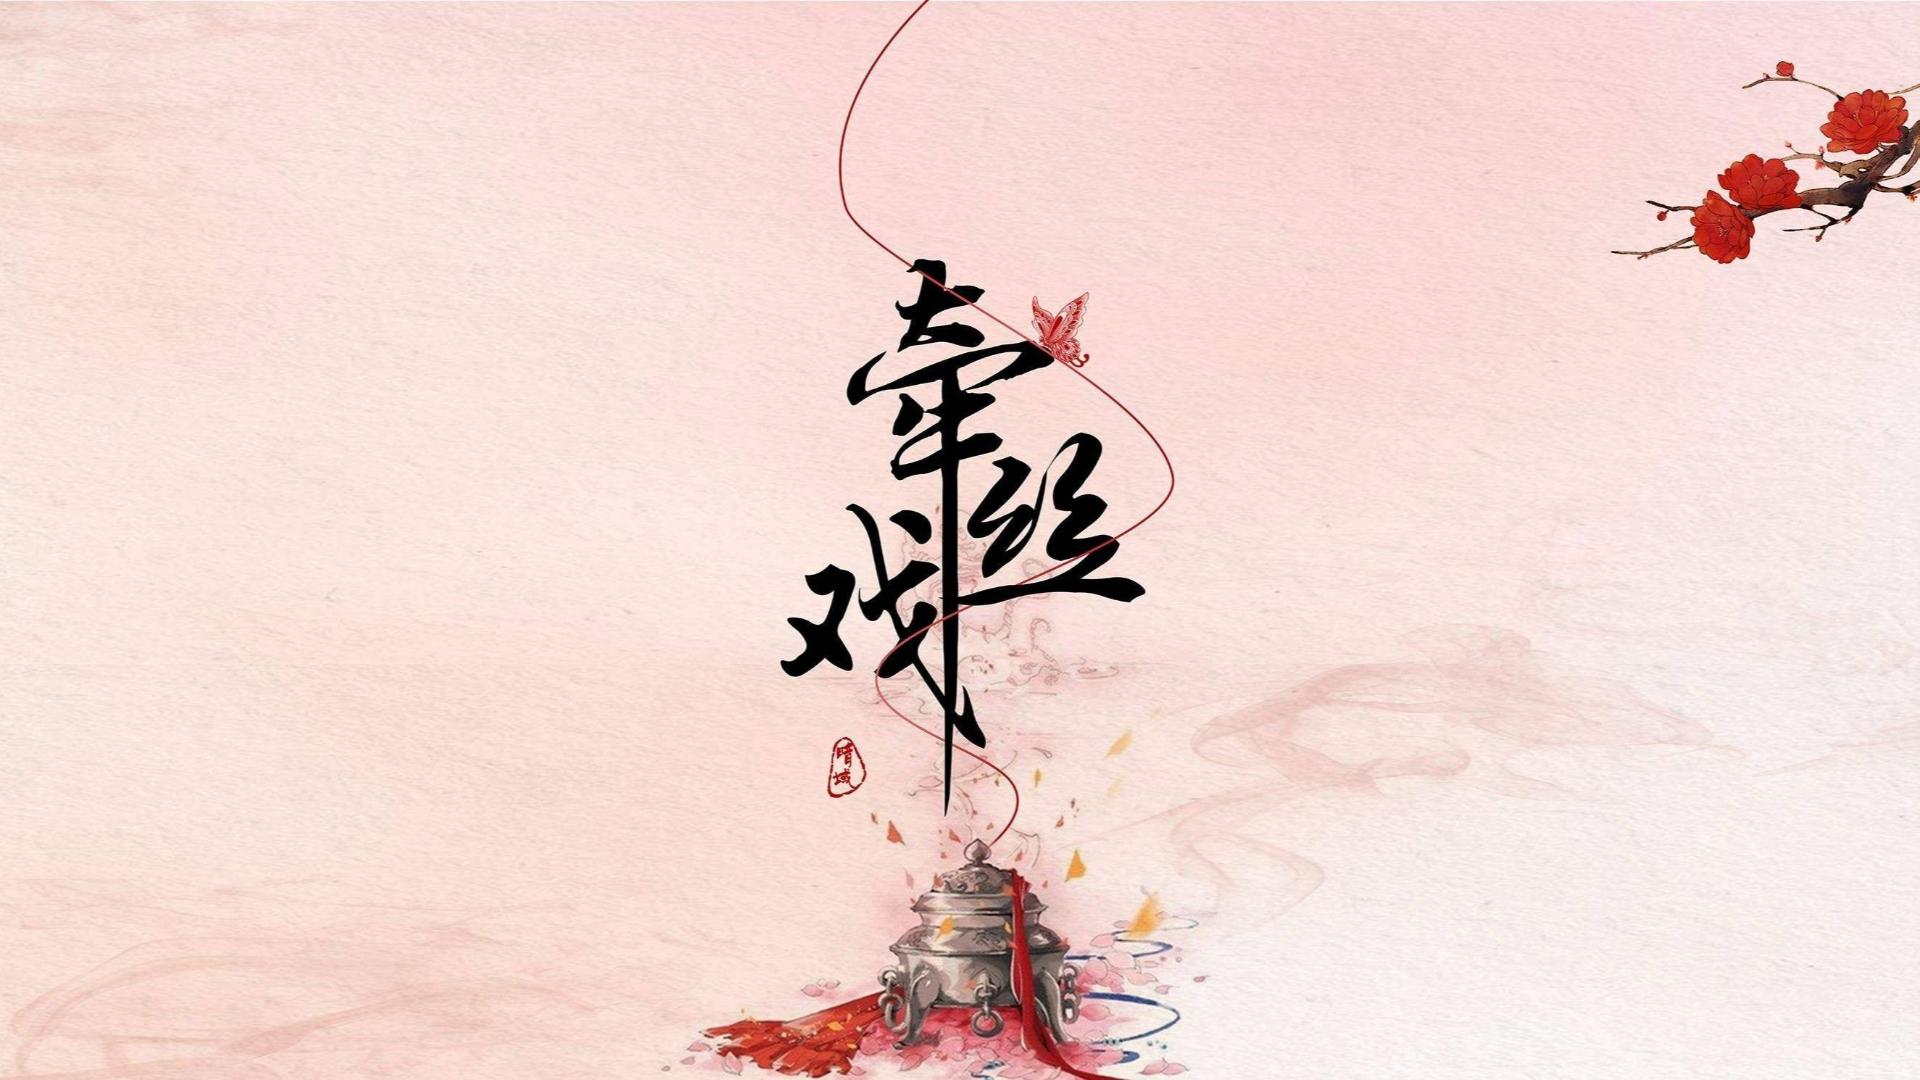 【寻国风】翻唱《牵丝戏》(COVER 银临 Aki阿杰)